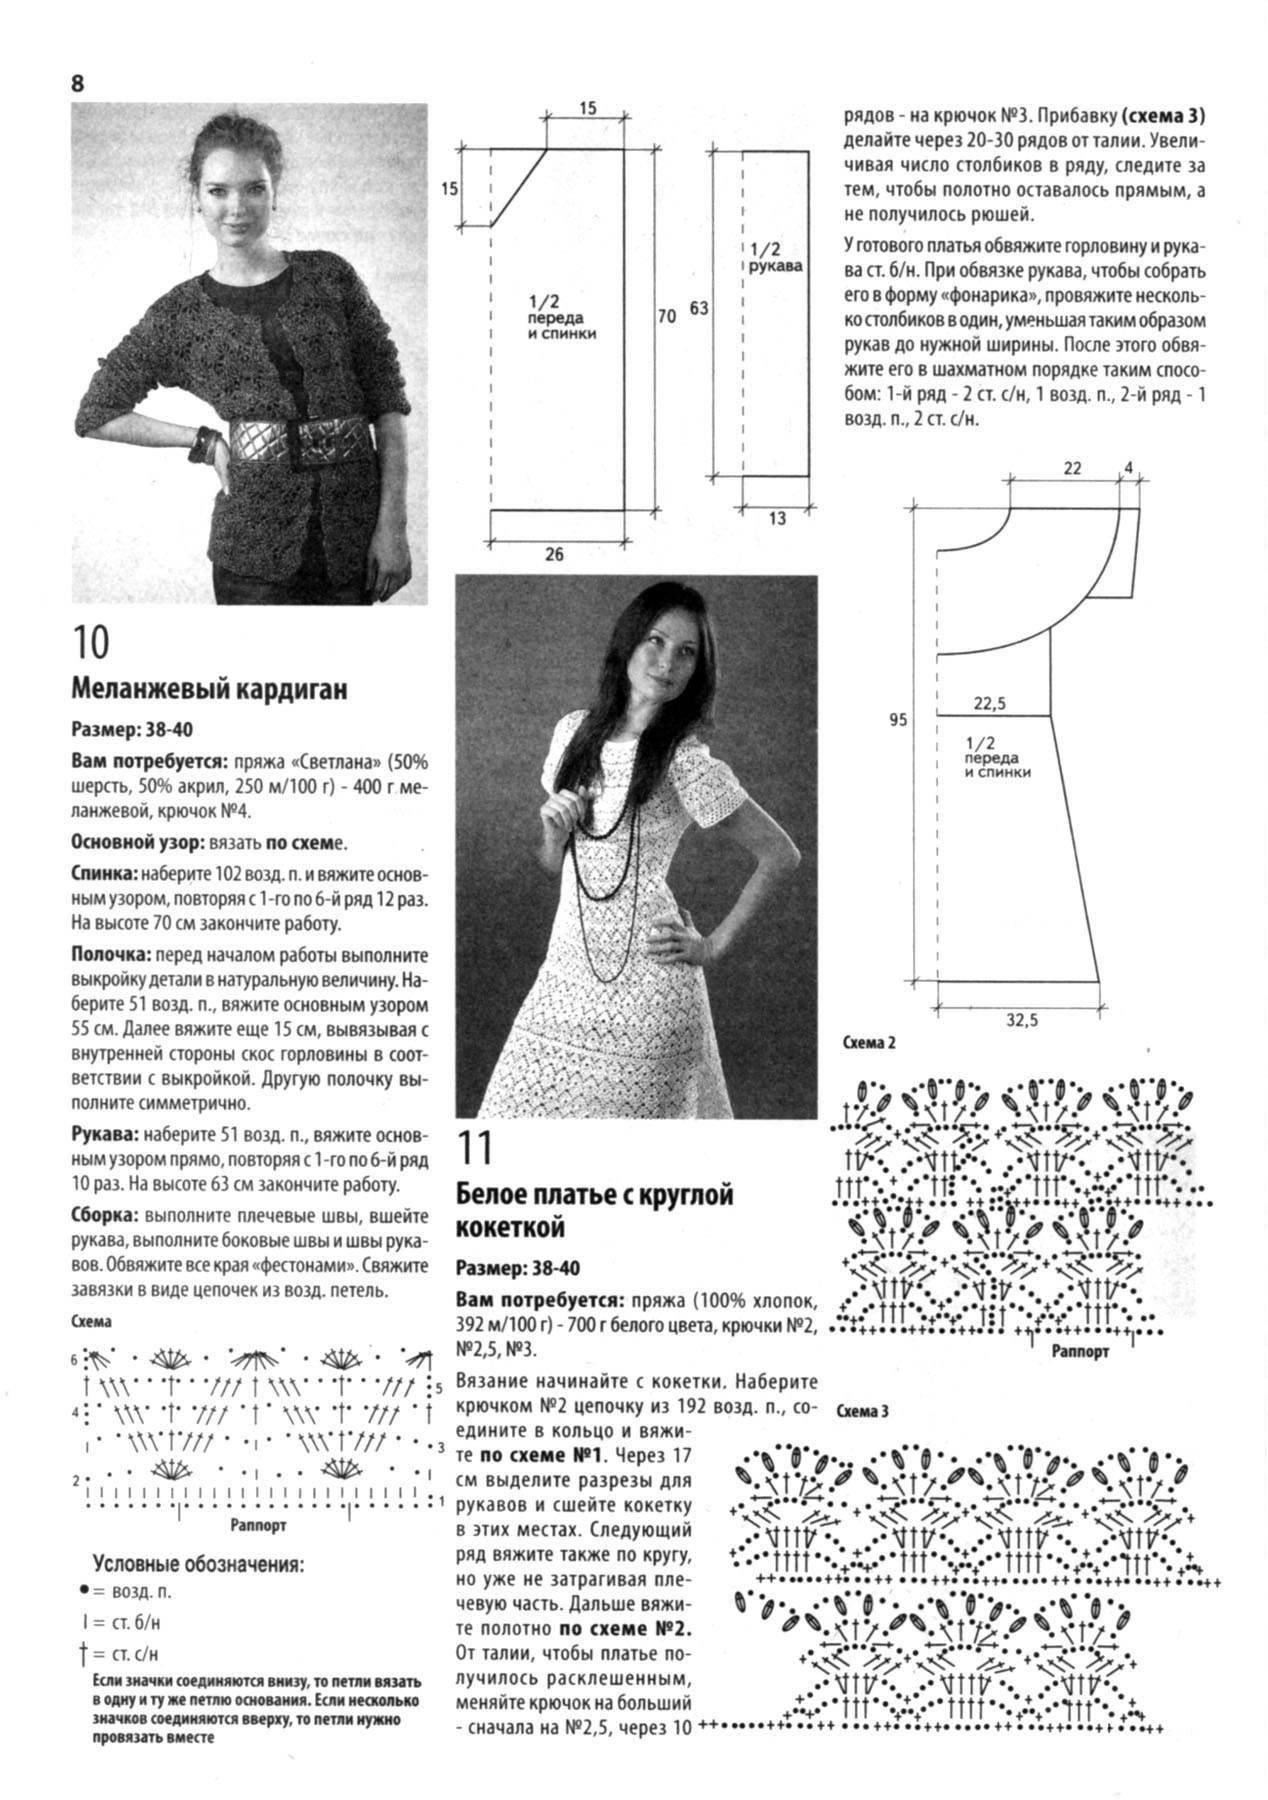 金葱衣连衣裙图解1.jpg